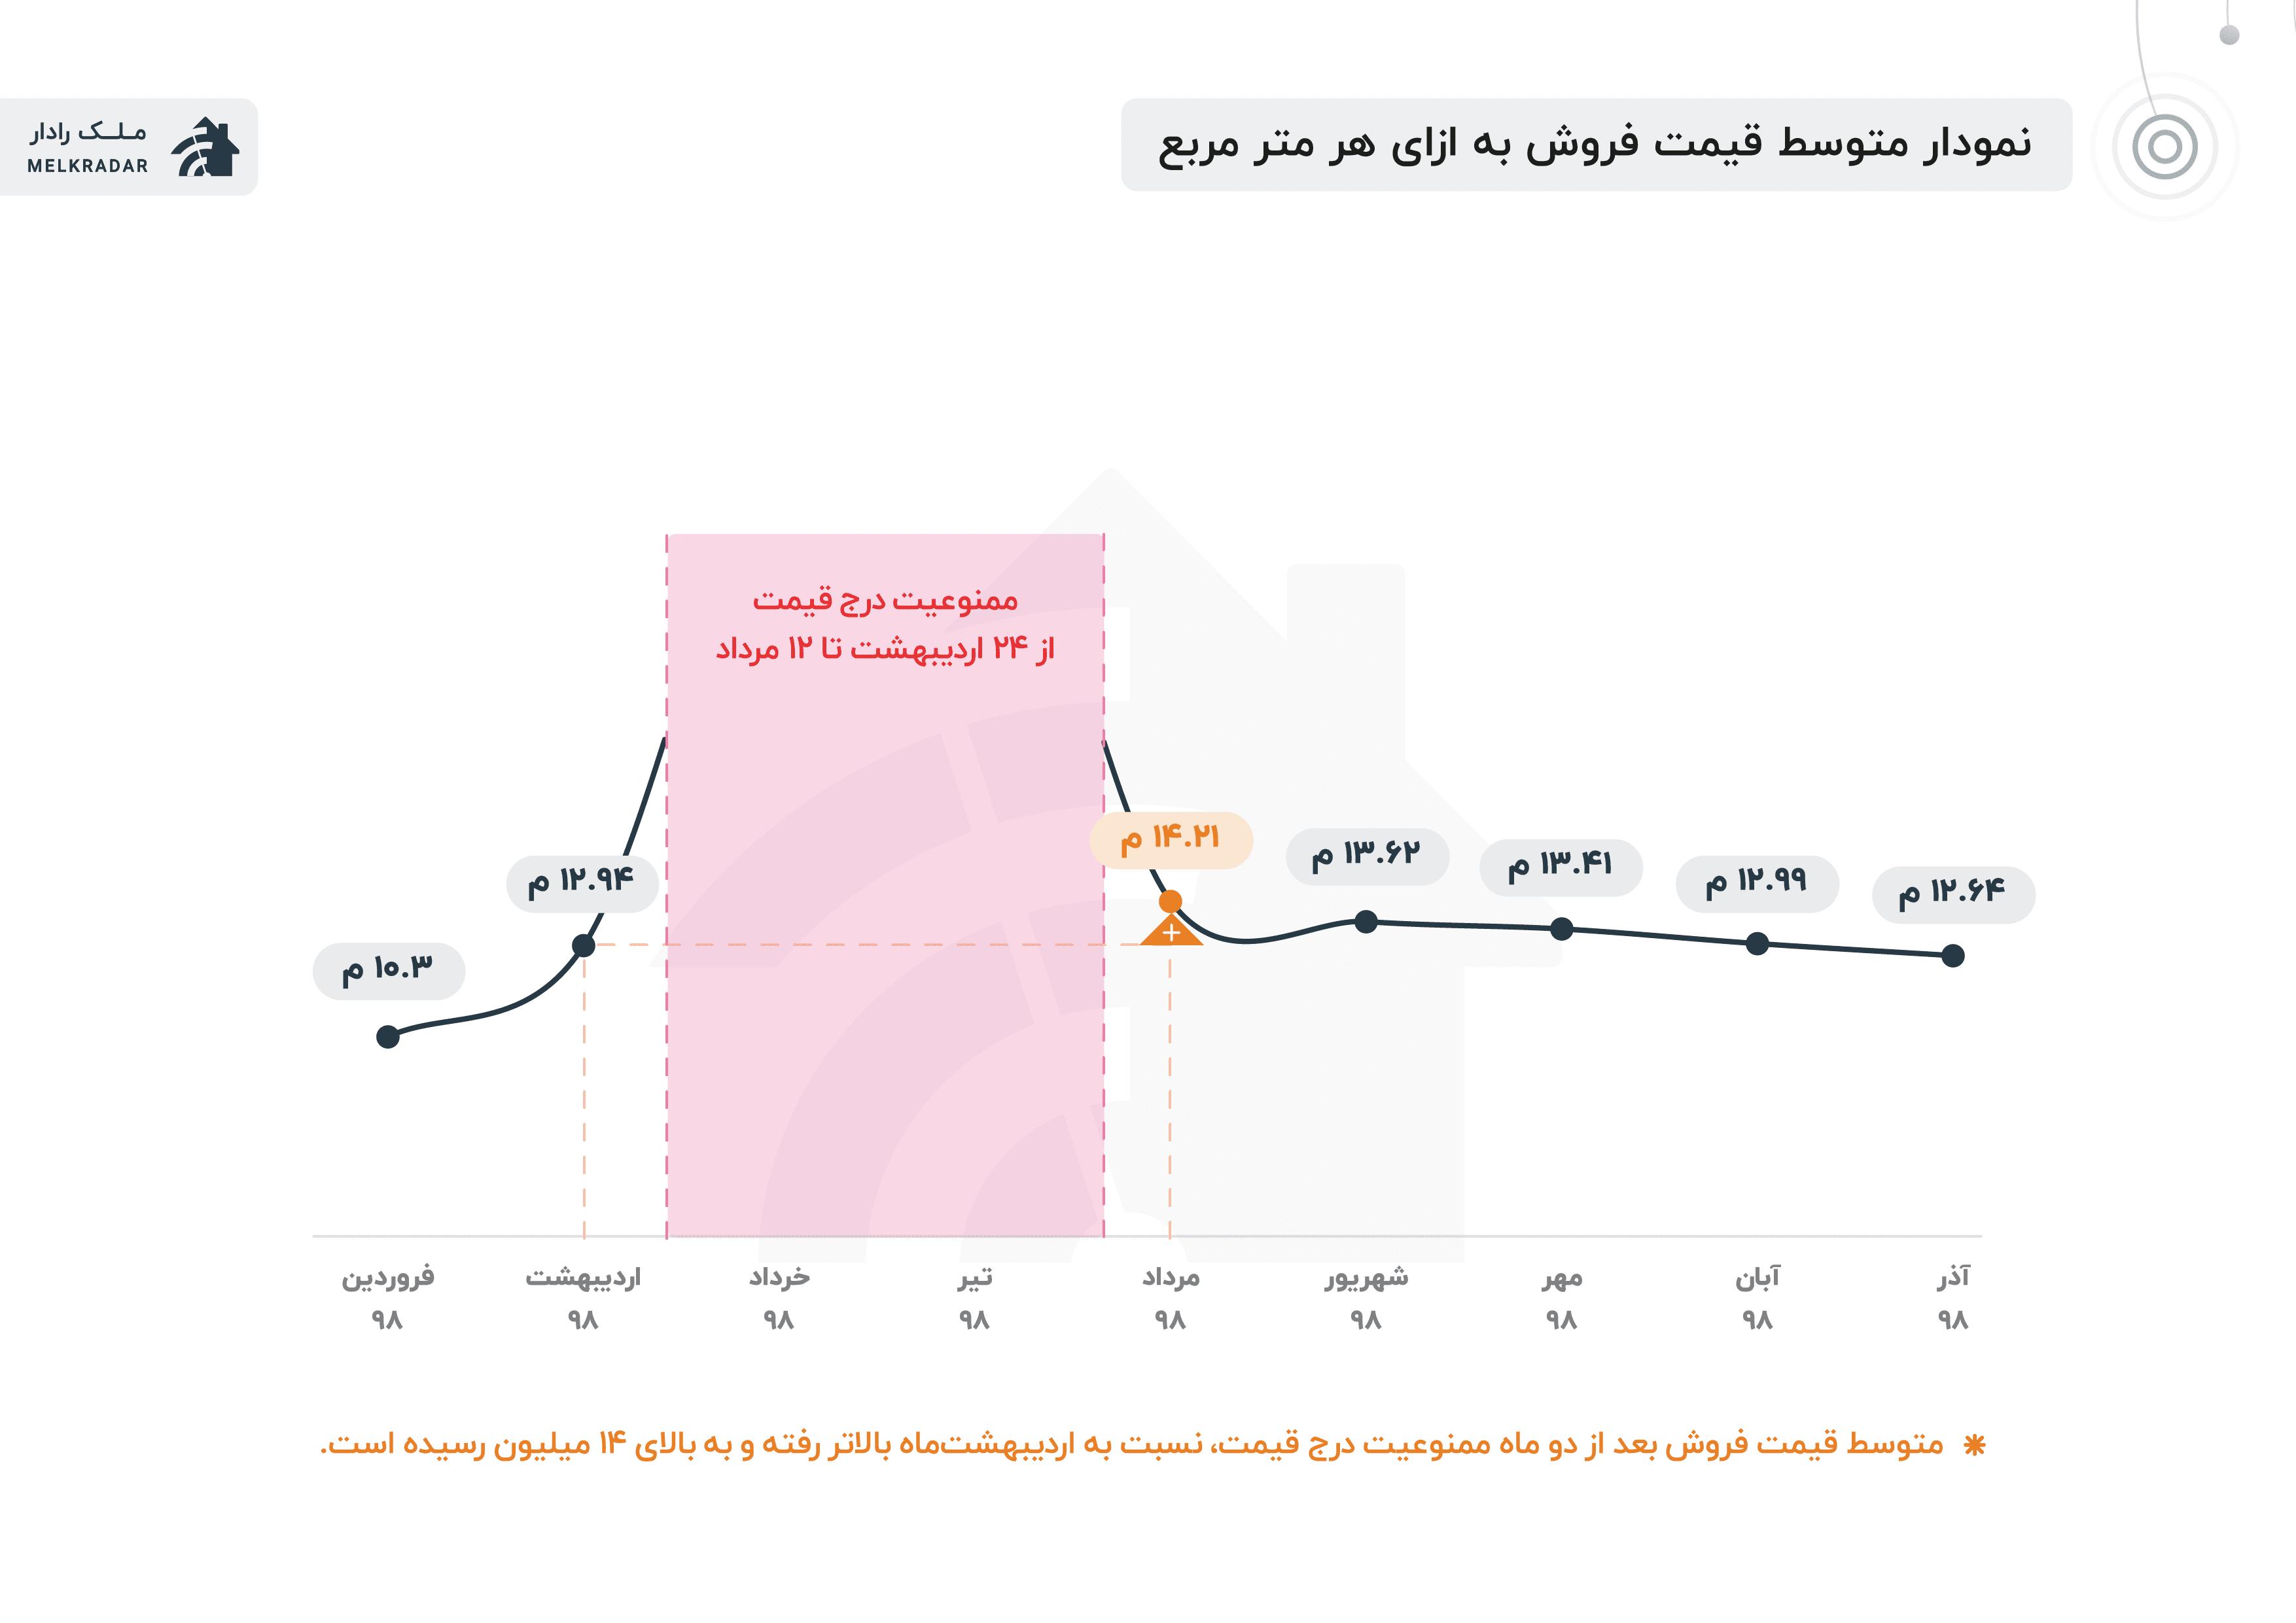 متوسط فروش قیمت هر متر مربع ملک در تهران در آگهیهای ملکی از فروردین تا آذر ۹۸